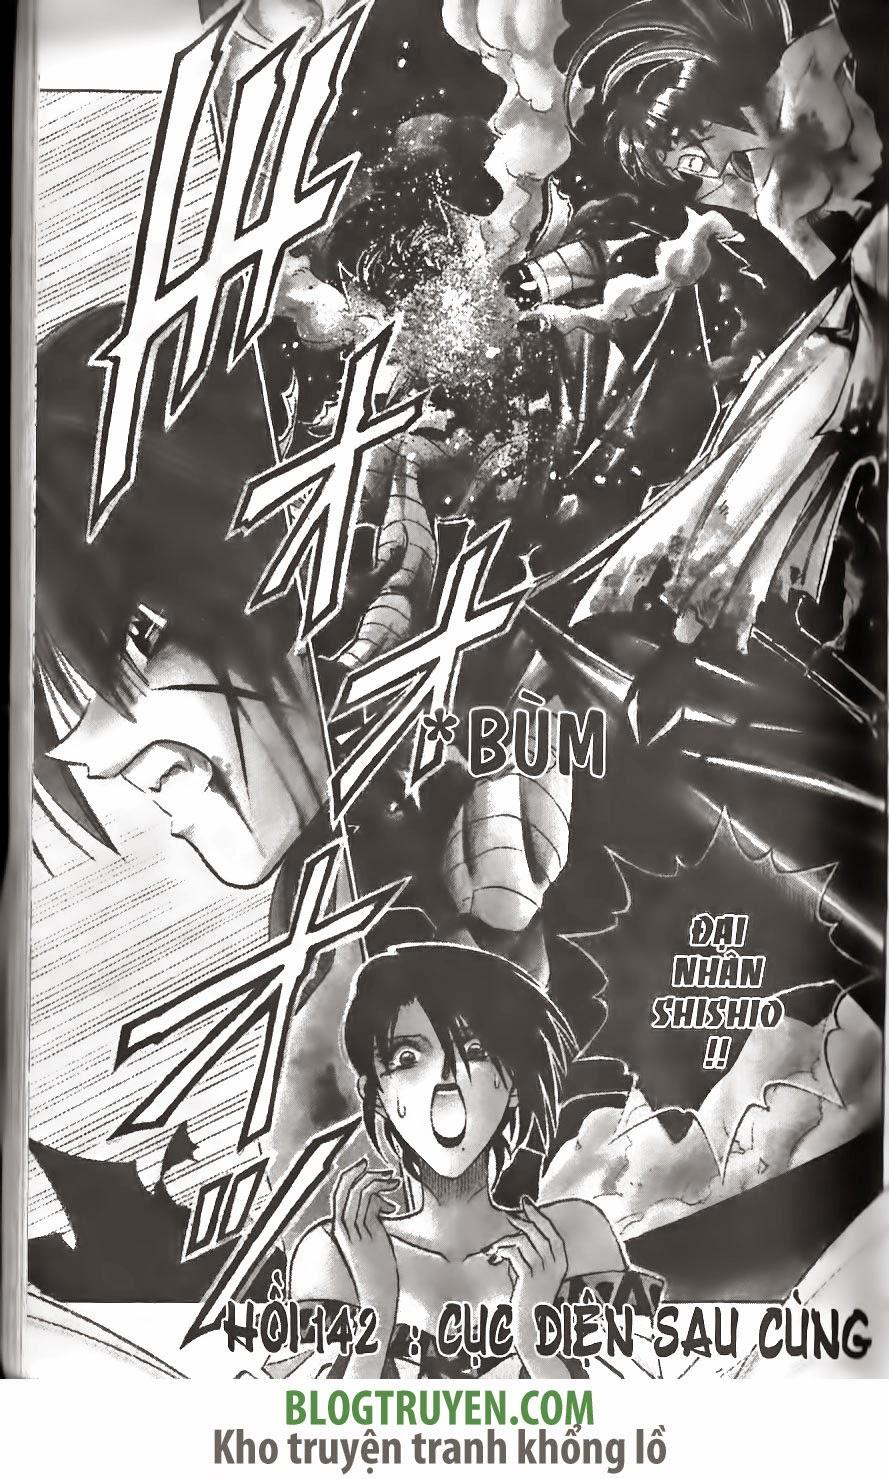 Rurouni Kenshin chap 142 trang 2